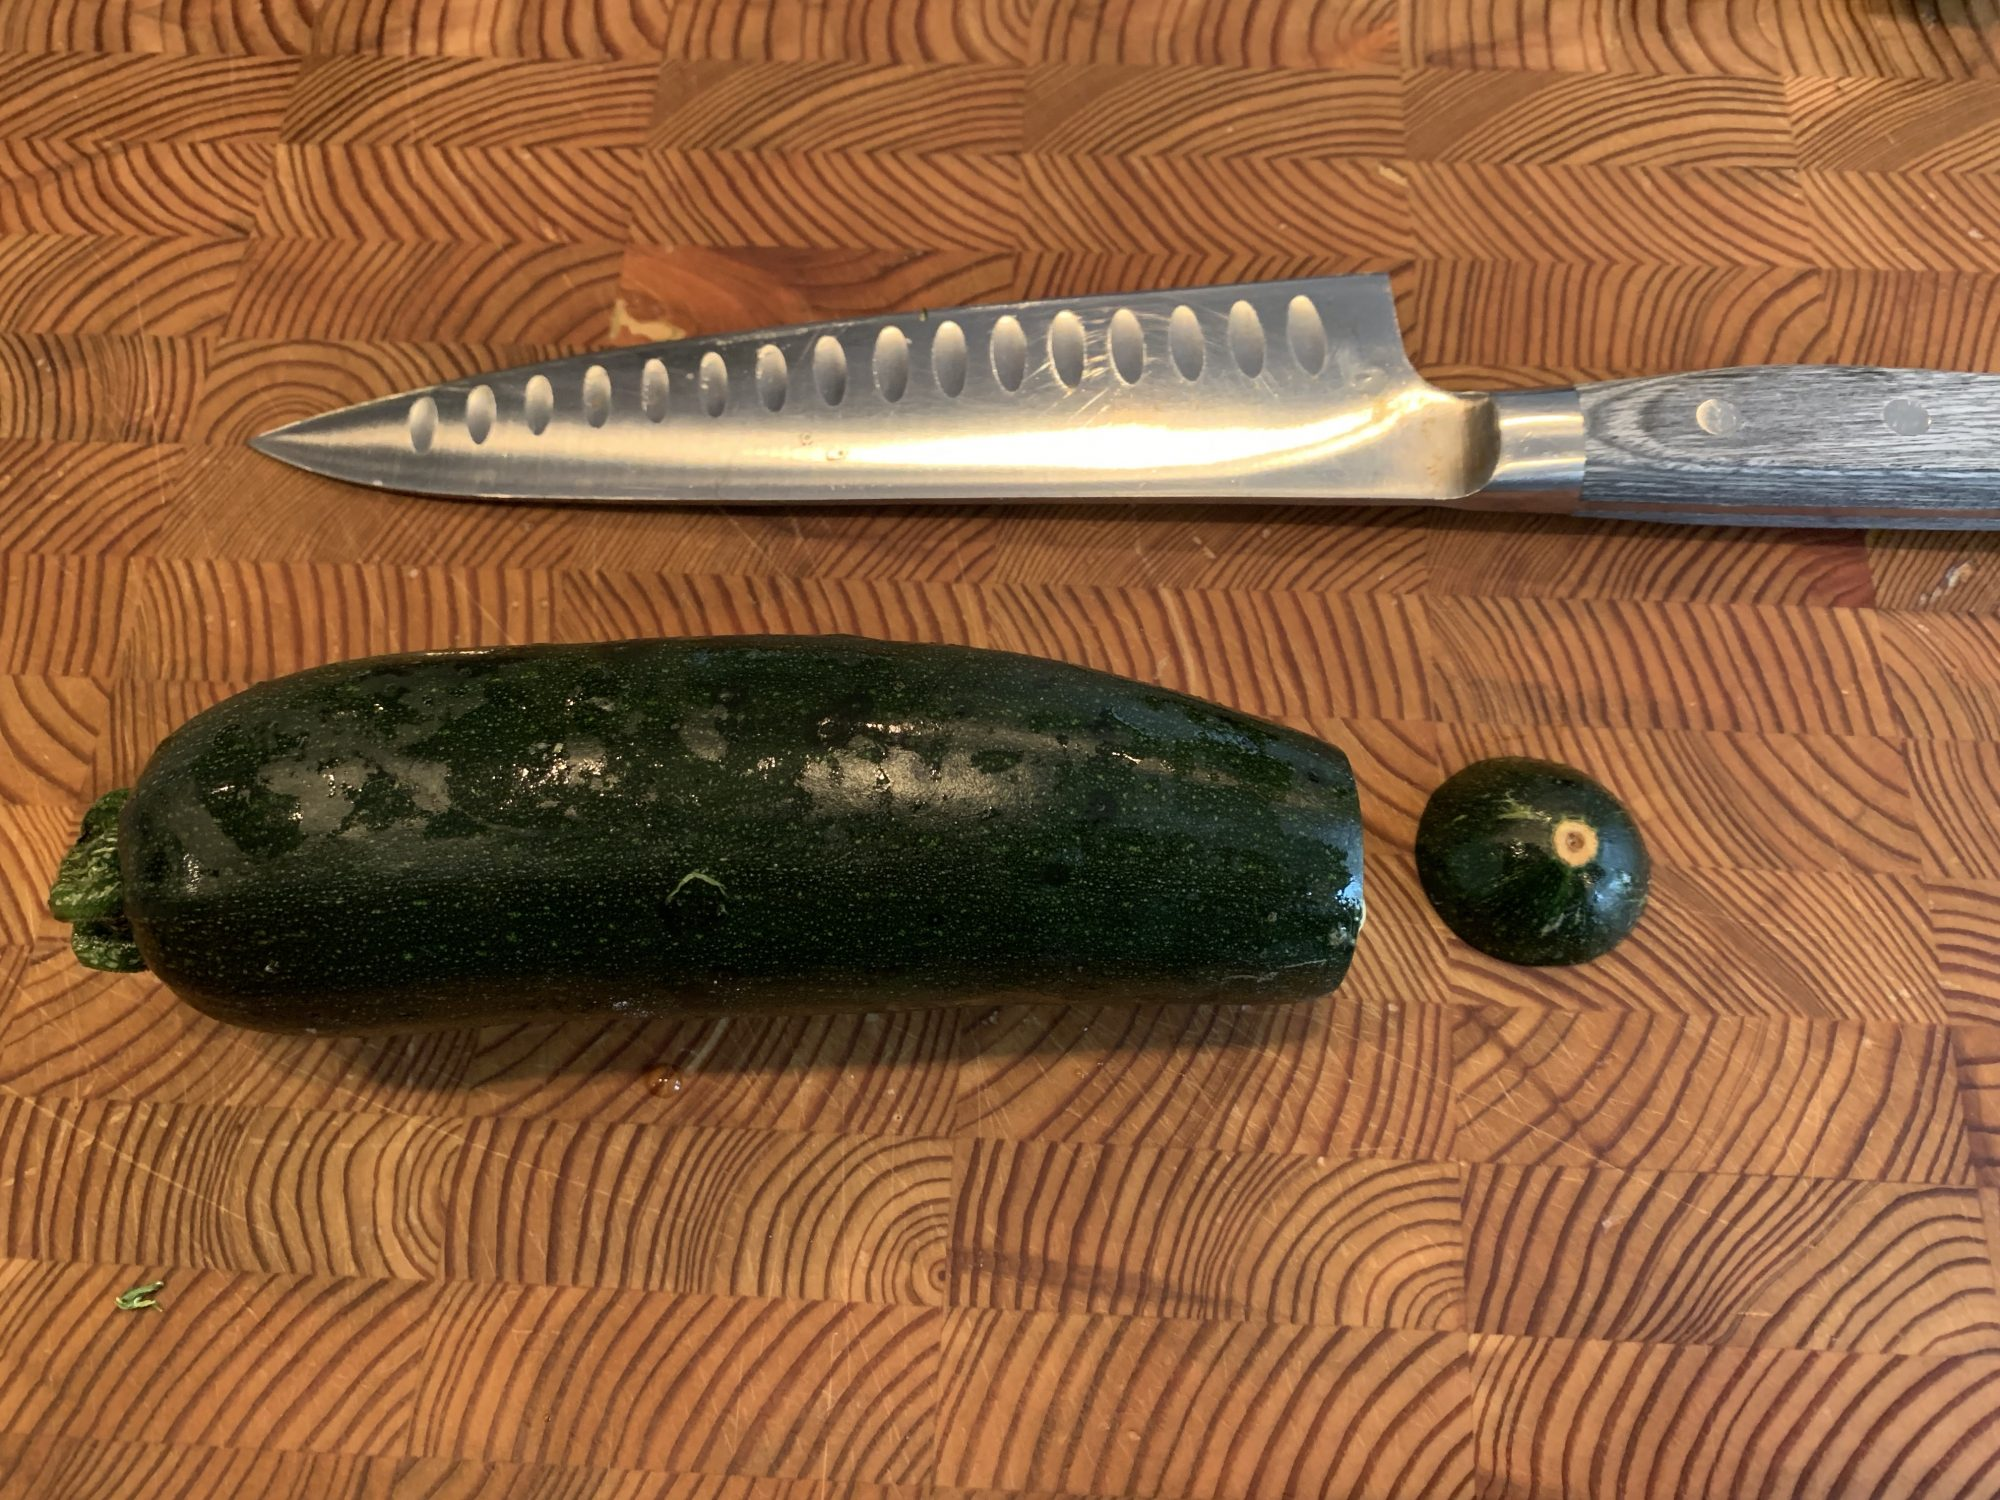 cut-zucchini.jpg